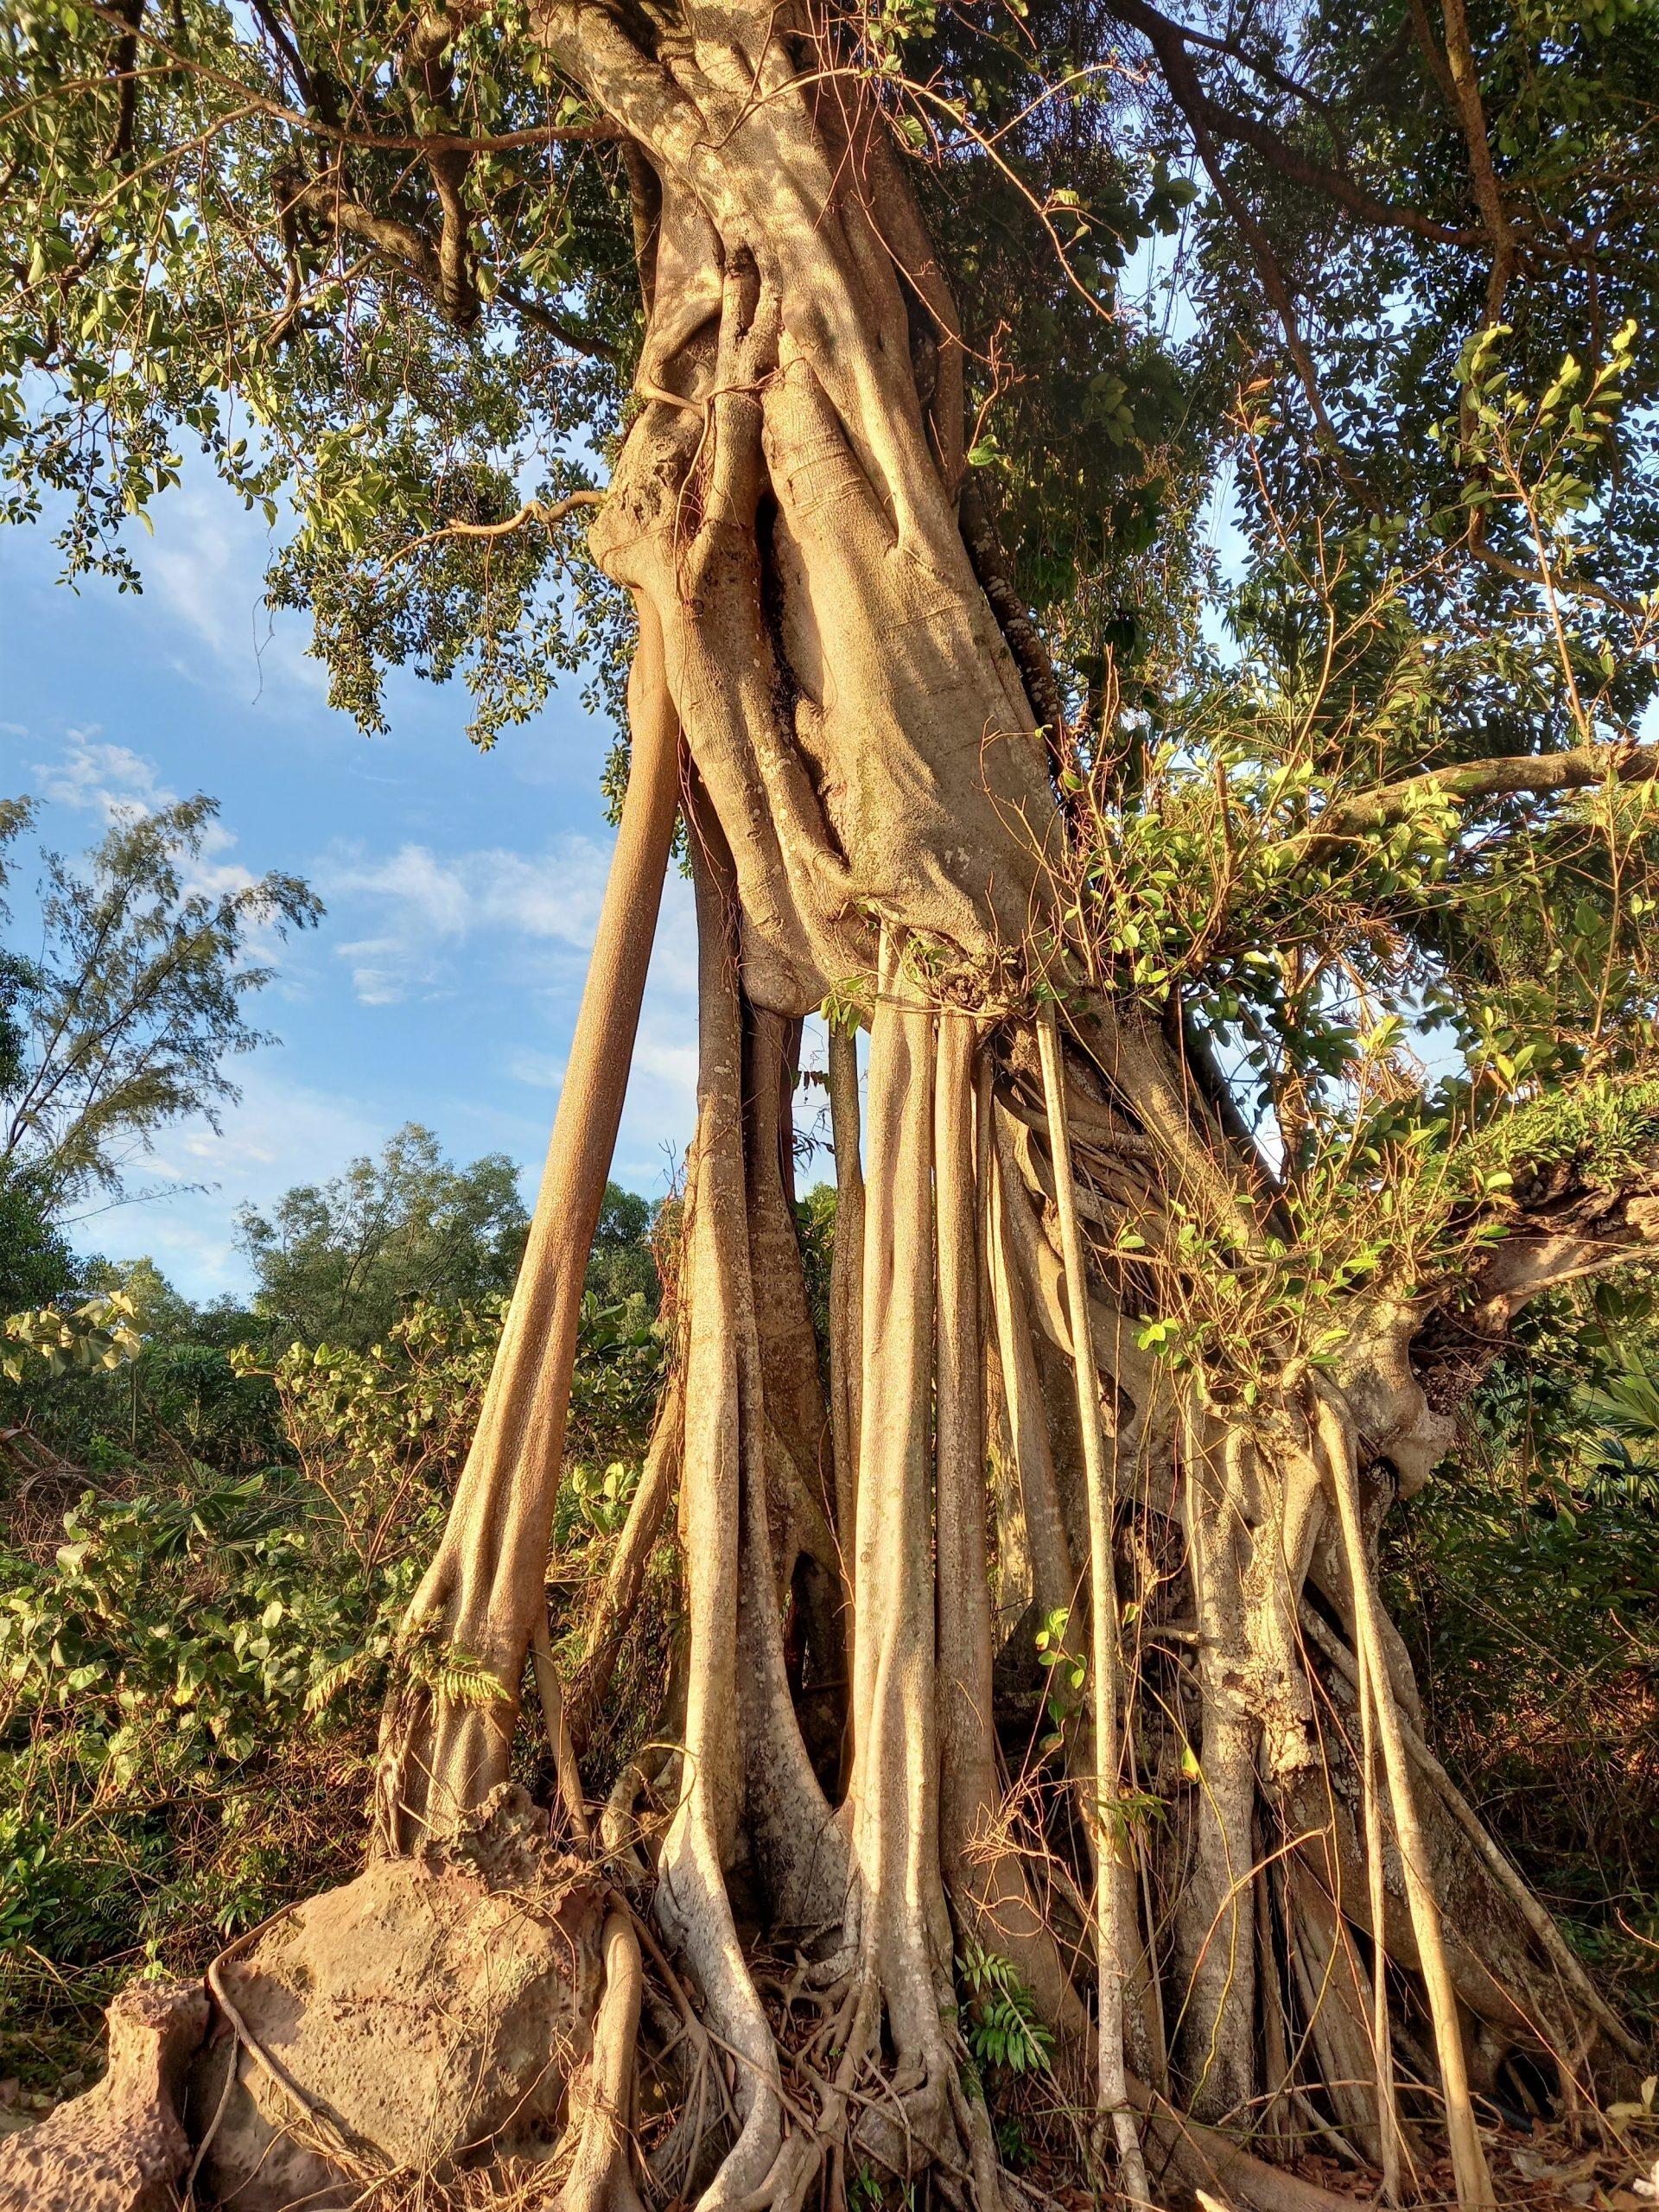 Trunk of a banyan tree, Vietnam